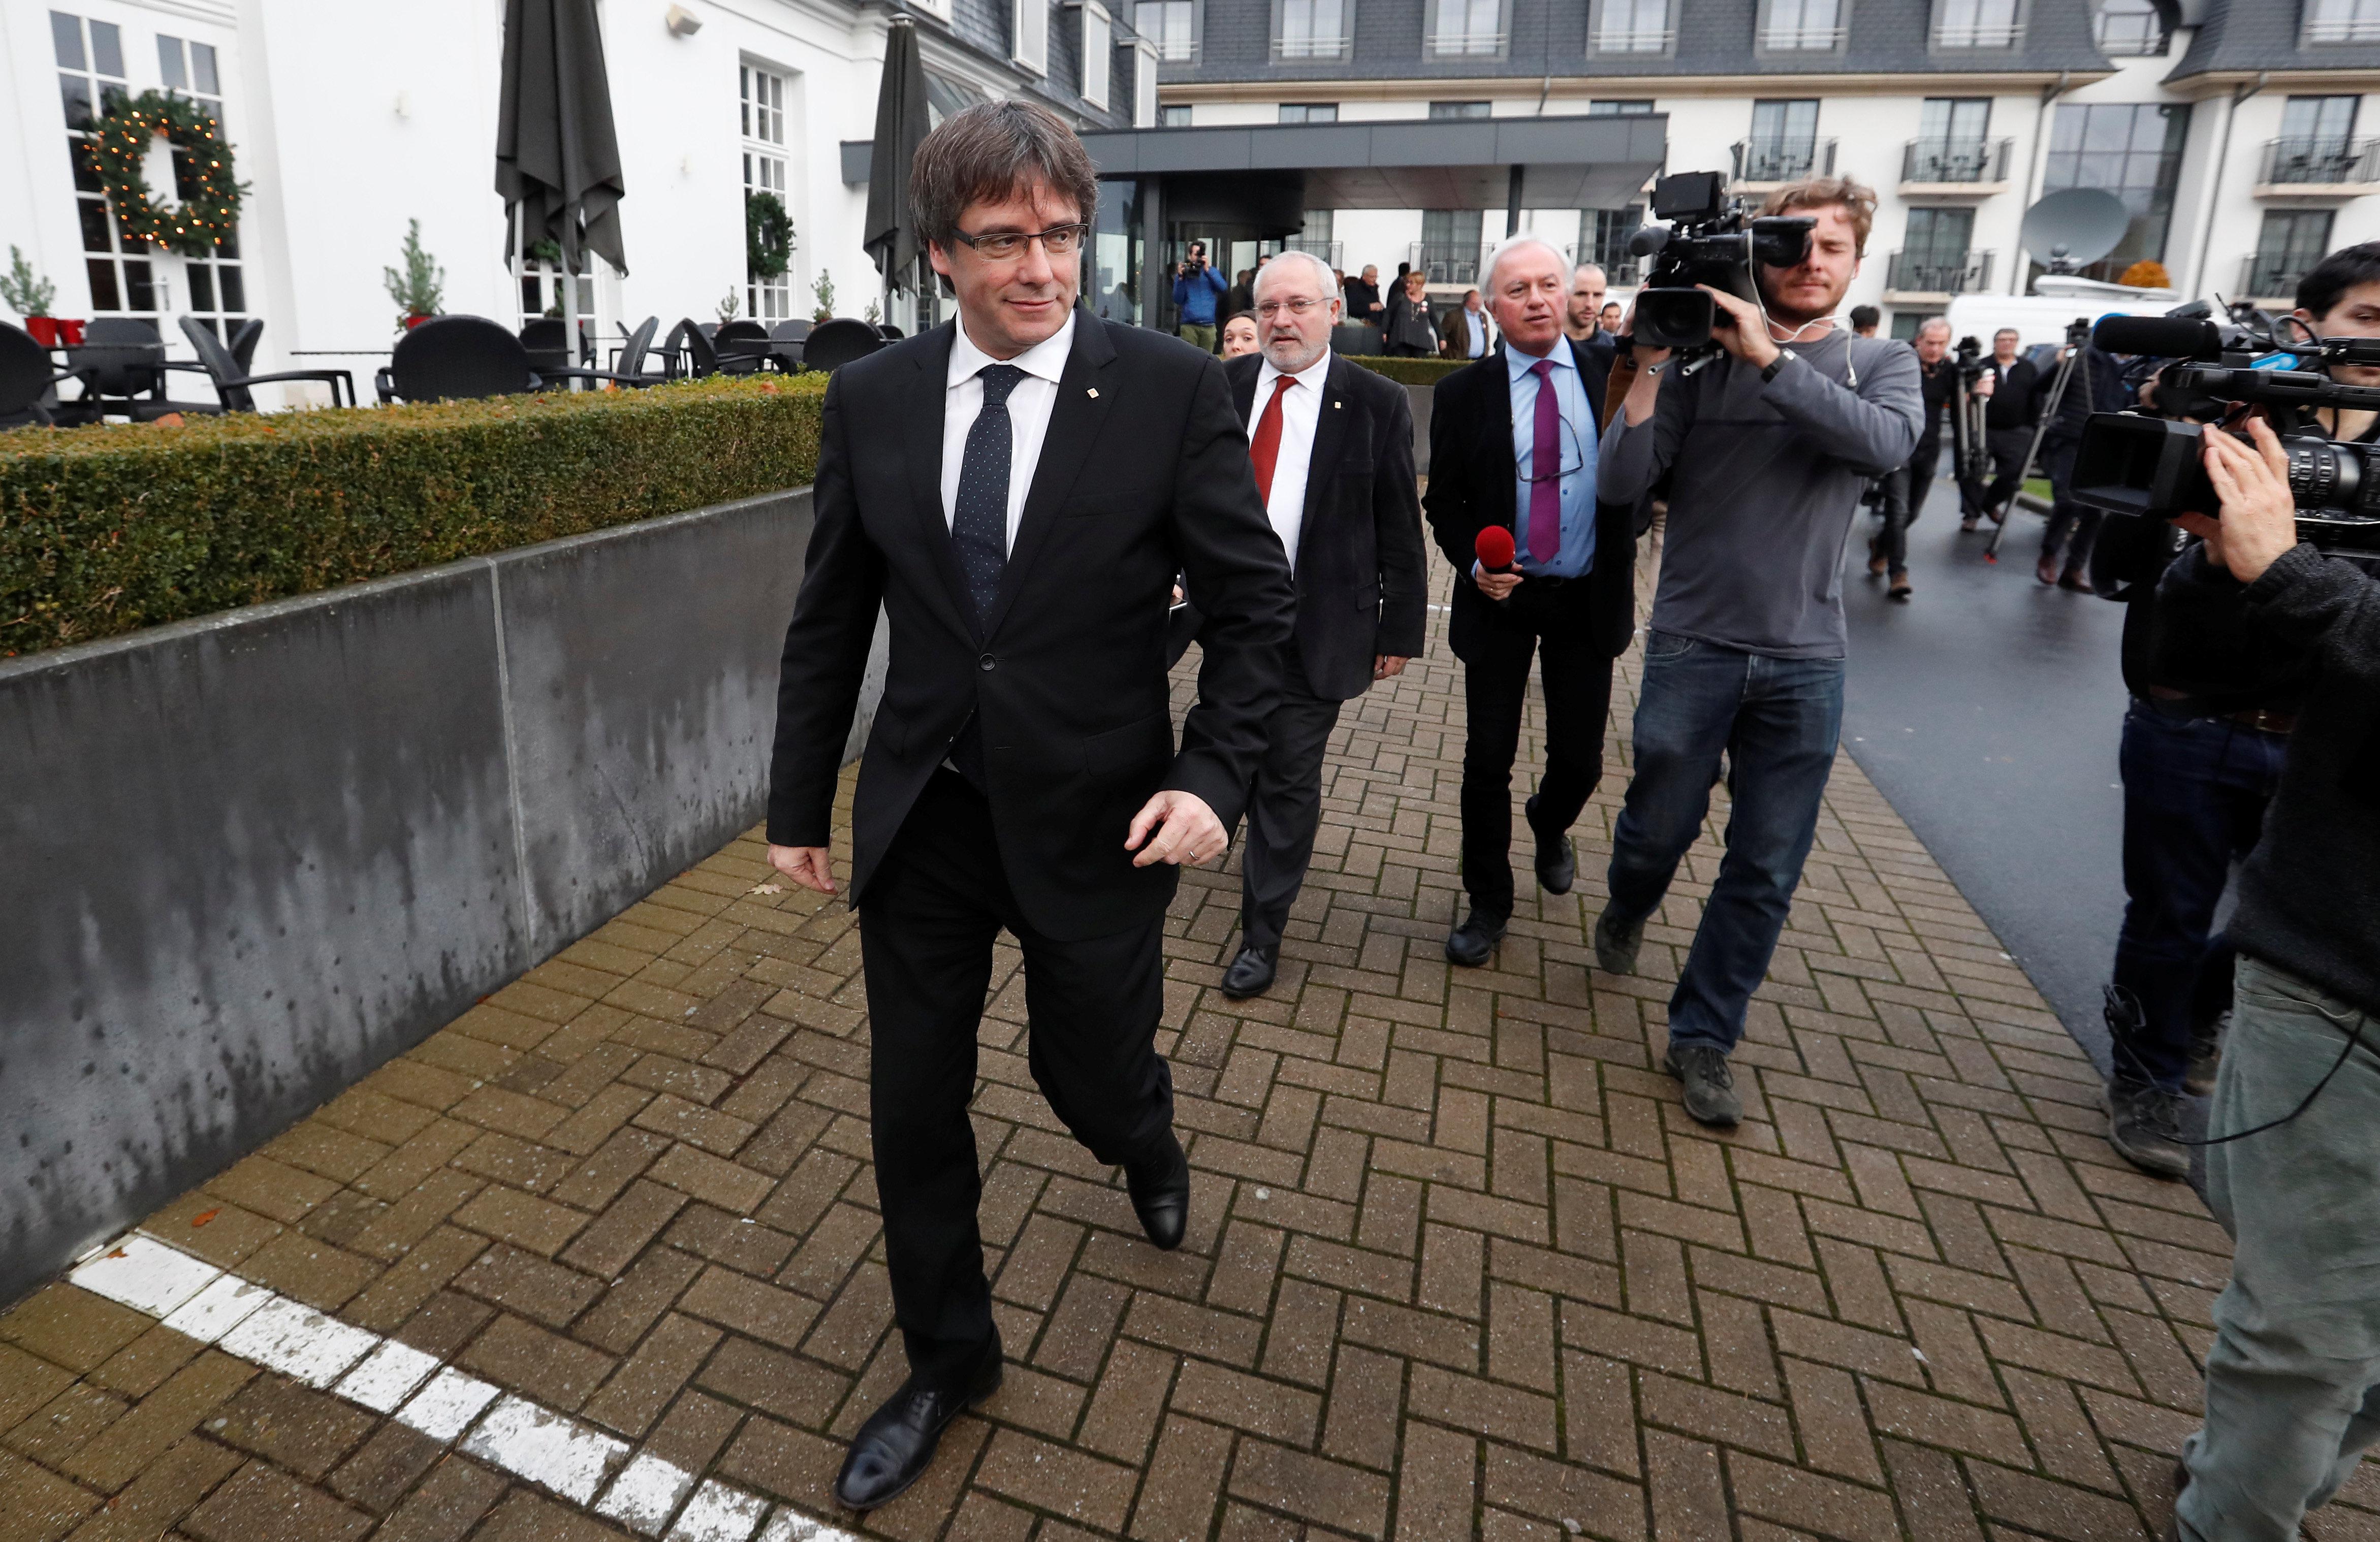 Ο Πουτζντεμόν σκοπεύει να παραμείνει στο Βέλγιο πιθανόν έως και τα μέσα Ιανουαρίου, δηλώνει ο δικηγόρος